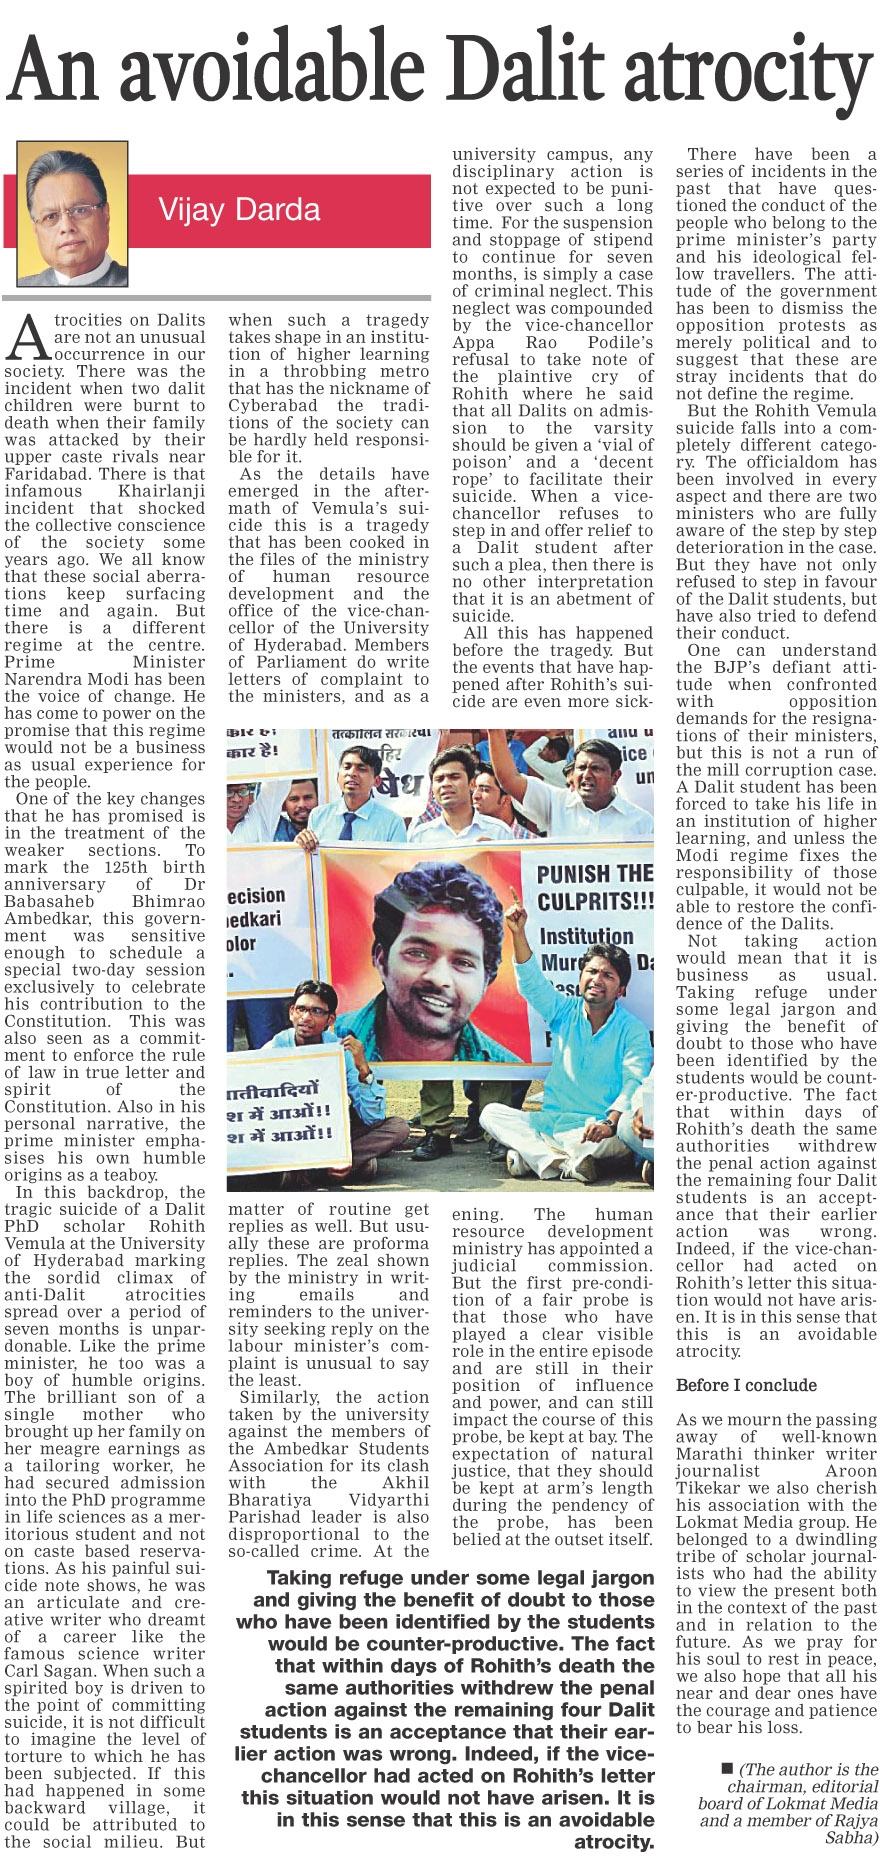 An avoidable Dalit atrocity